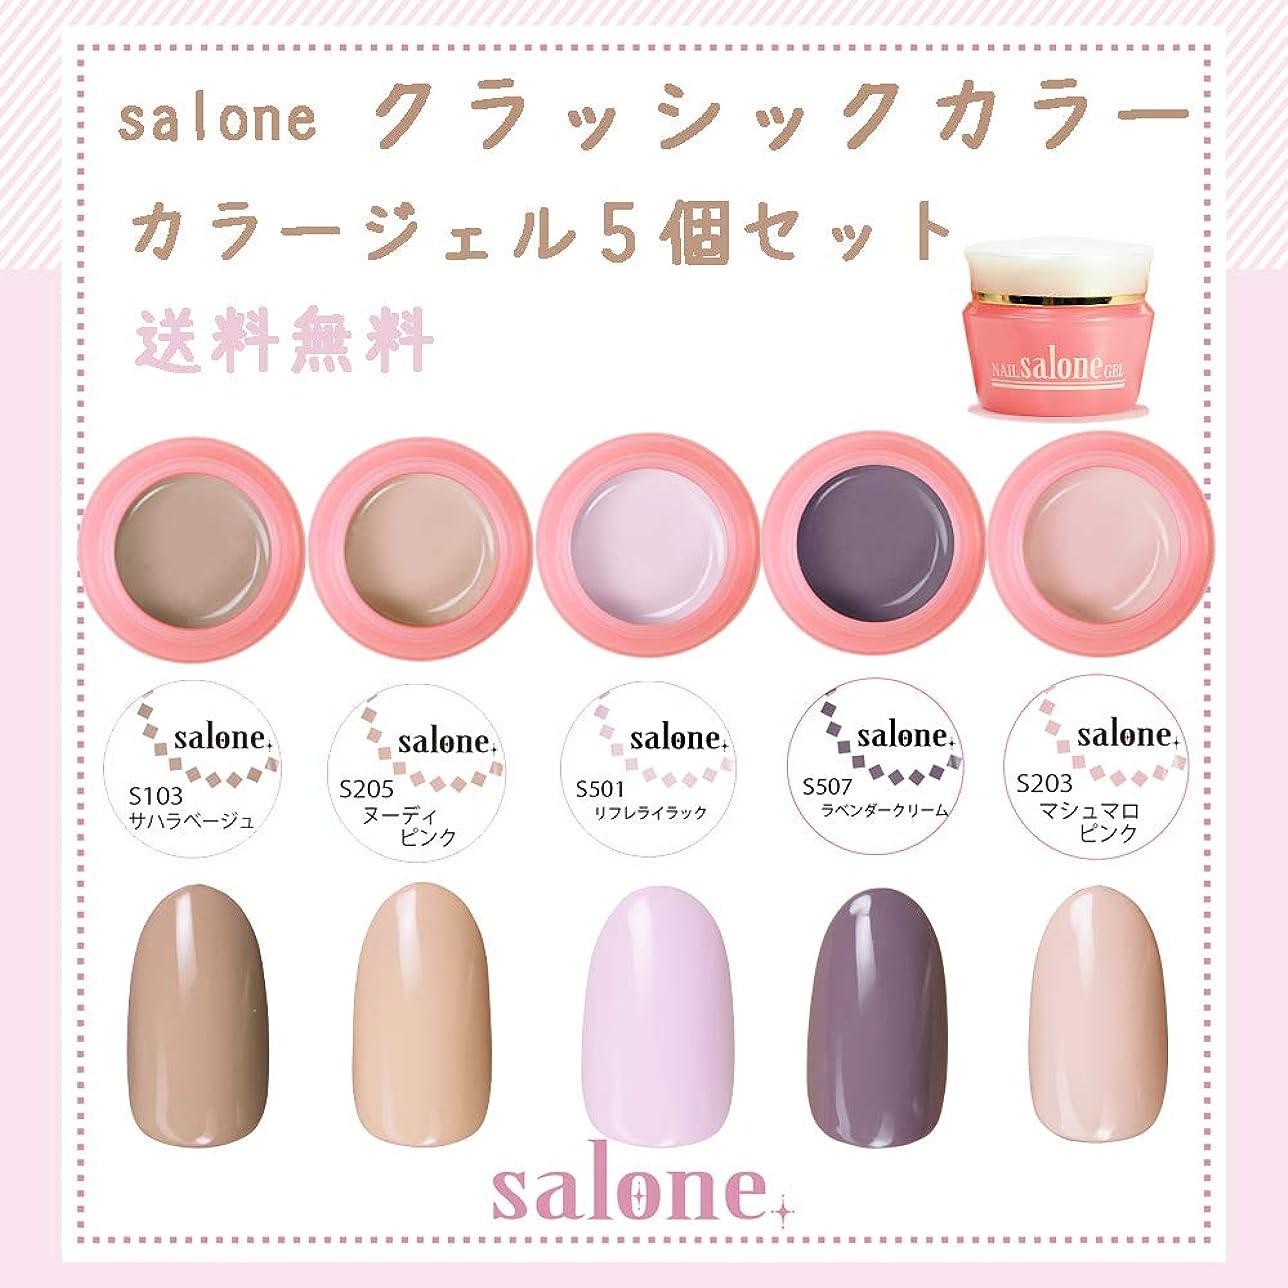 重荷実質的にほとんどの場合【送料無料 日本製】Salone クラッシックネイルカラージェル5個セット スモーキーで大人可愛いクラッシックカラー